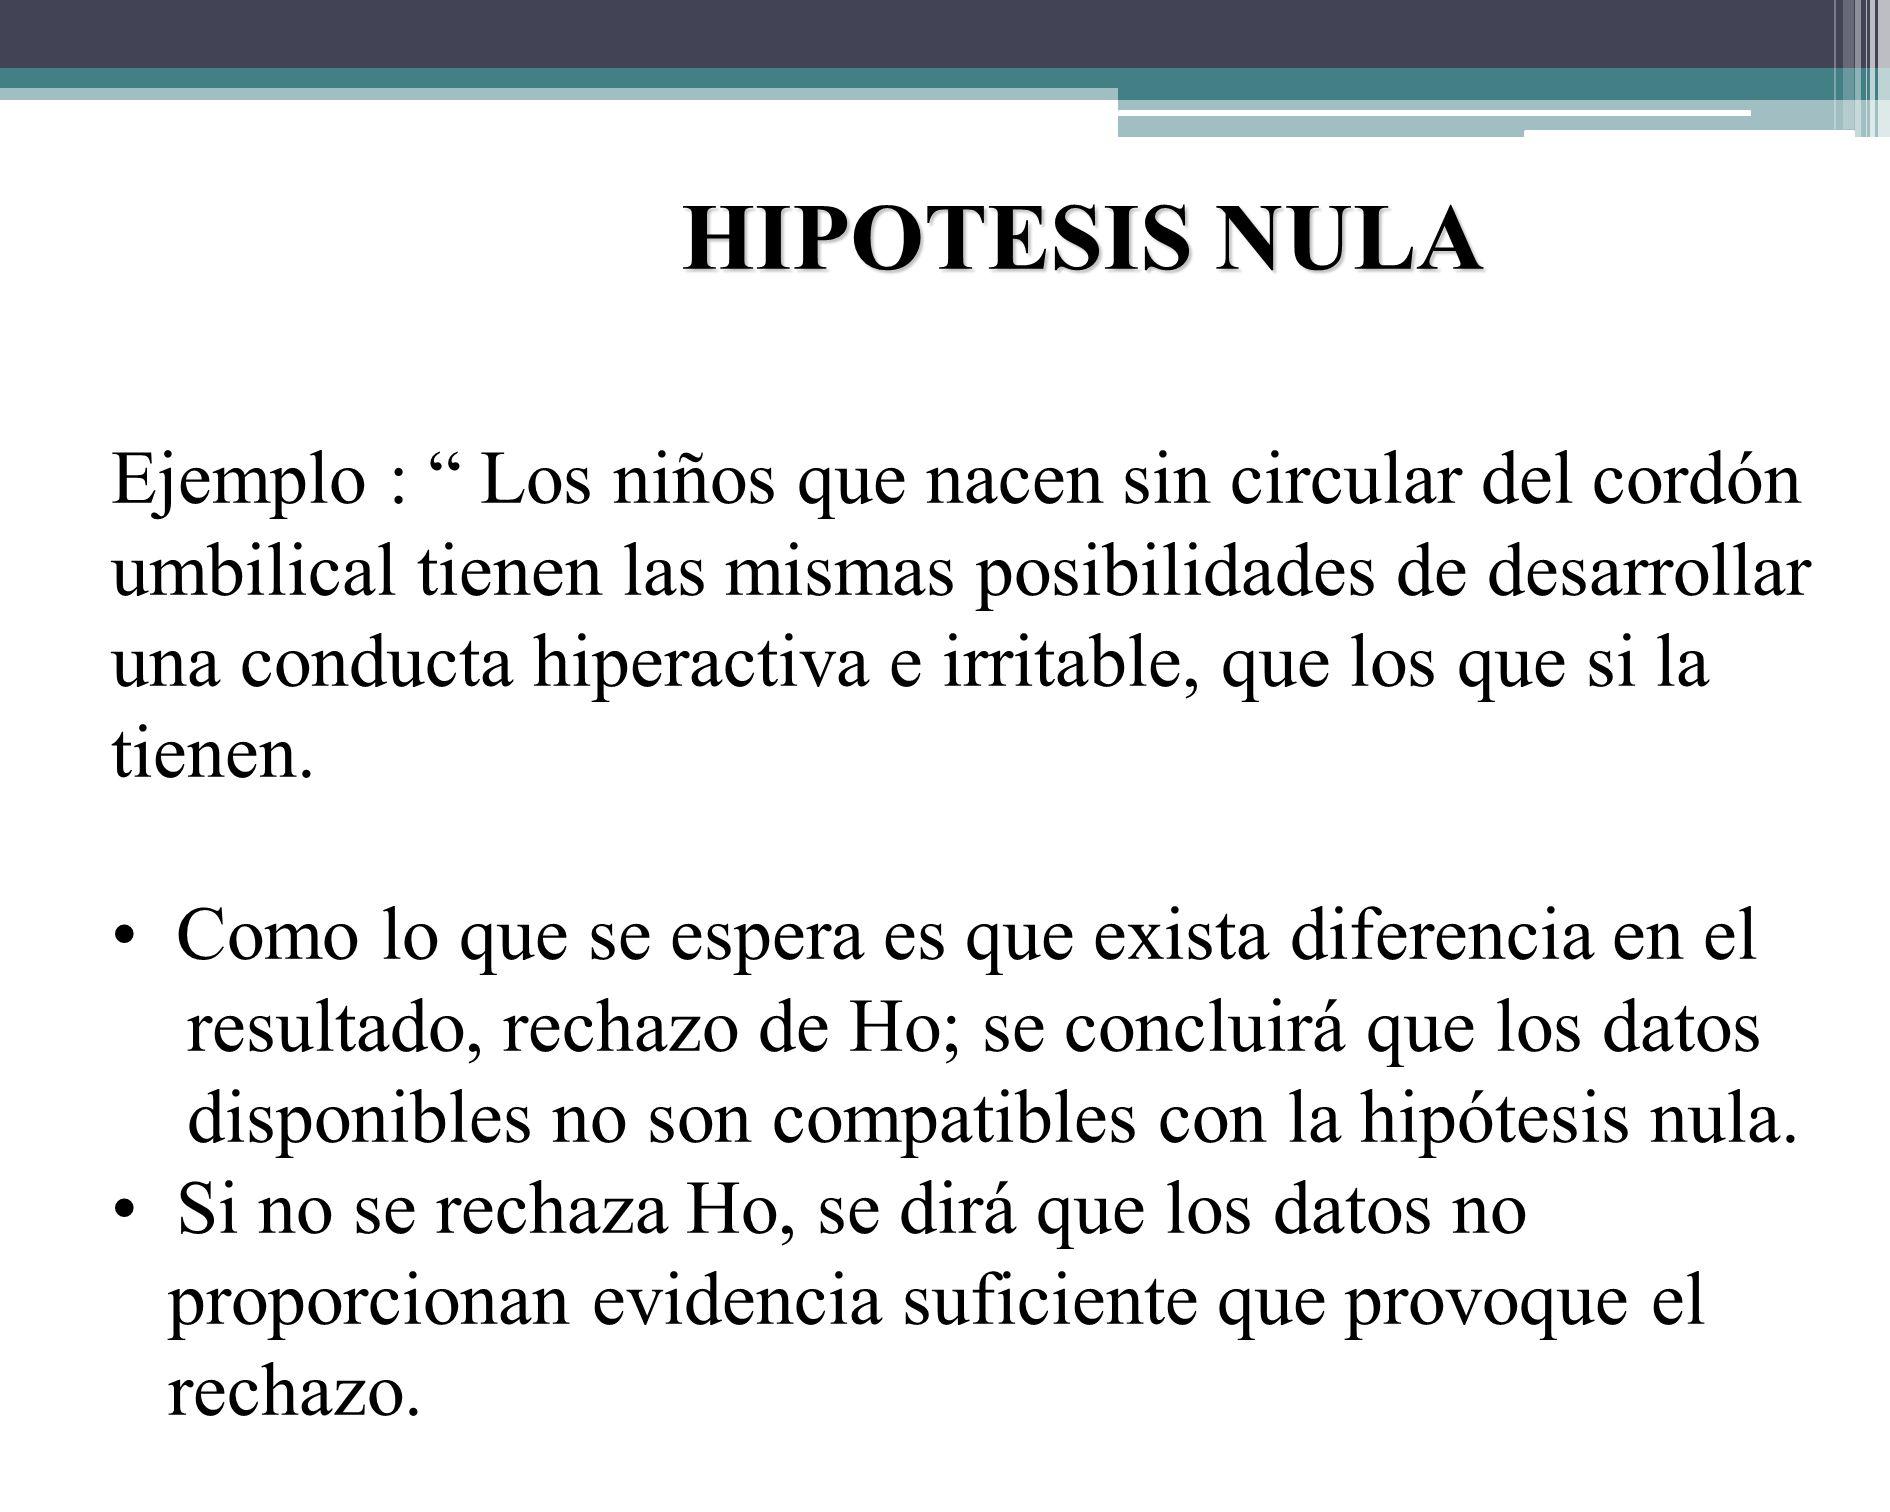 HIPÓTESIS ESTADÍSTICA : Nula y alterna 1.HIPÓTESIS NULA : Ho, o hipótesis de no diferencia; se refiere al planteamiento del supuesto de que el valor o